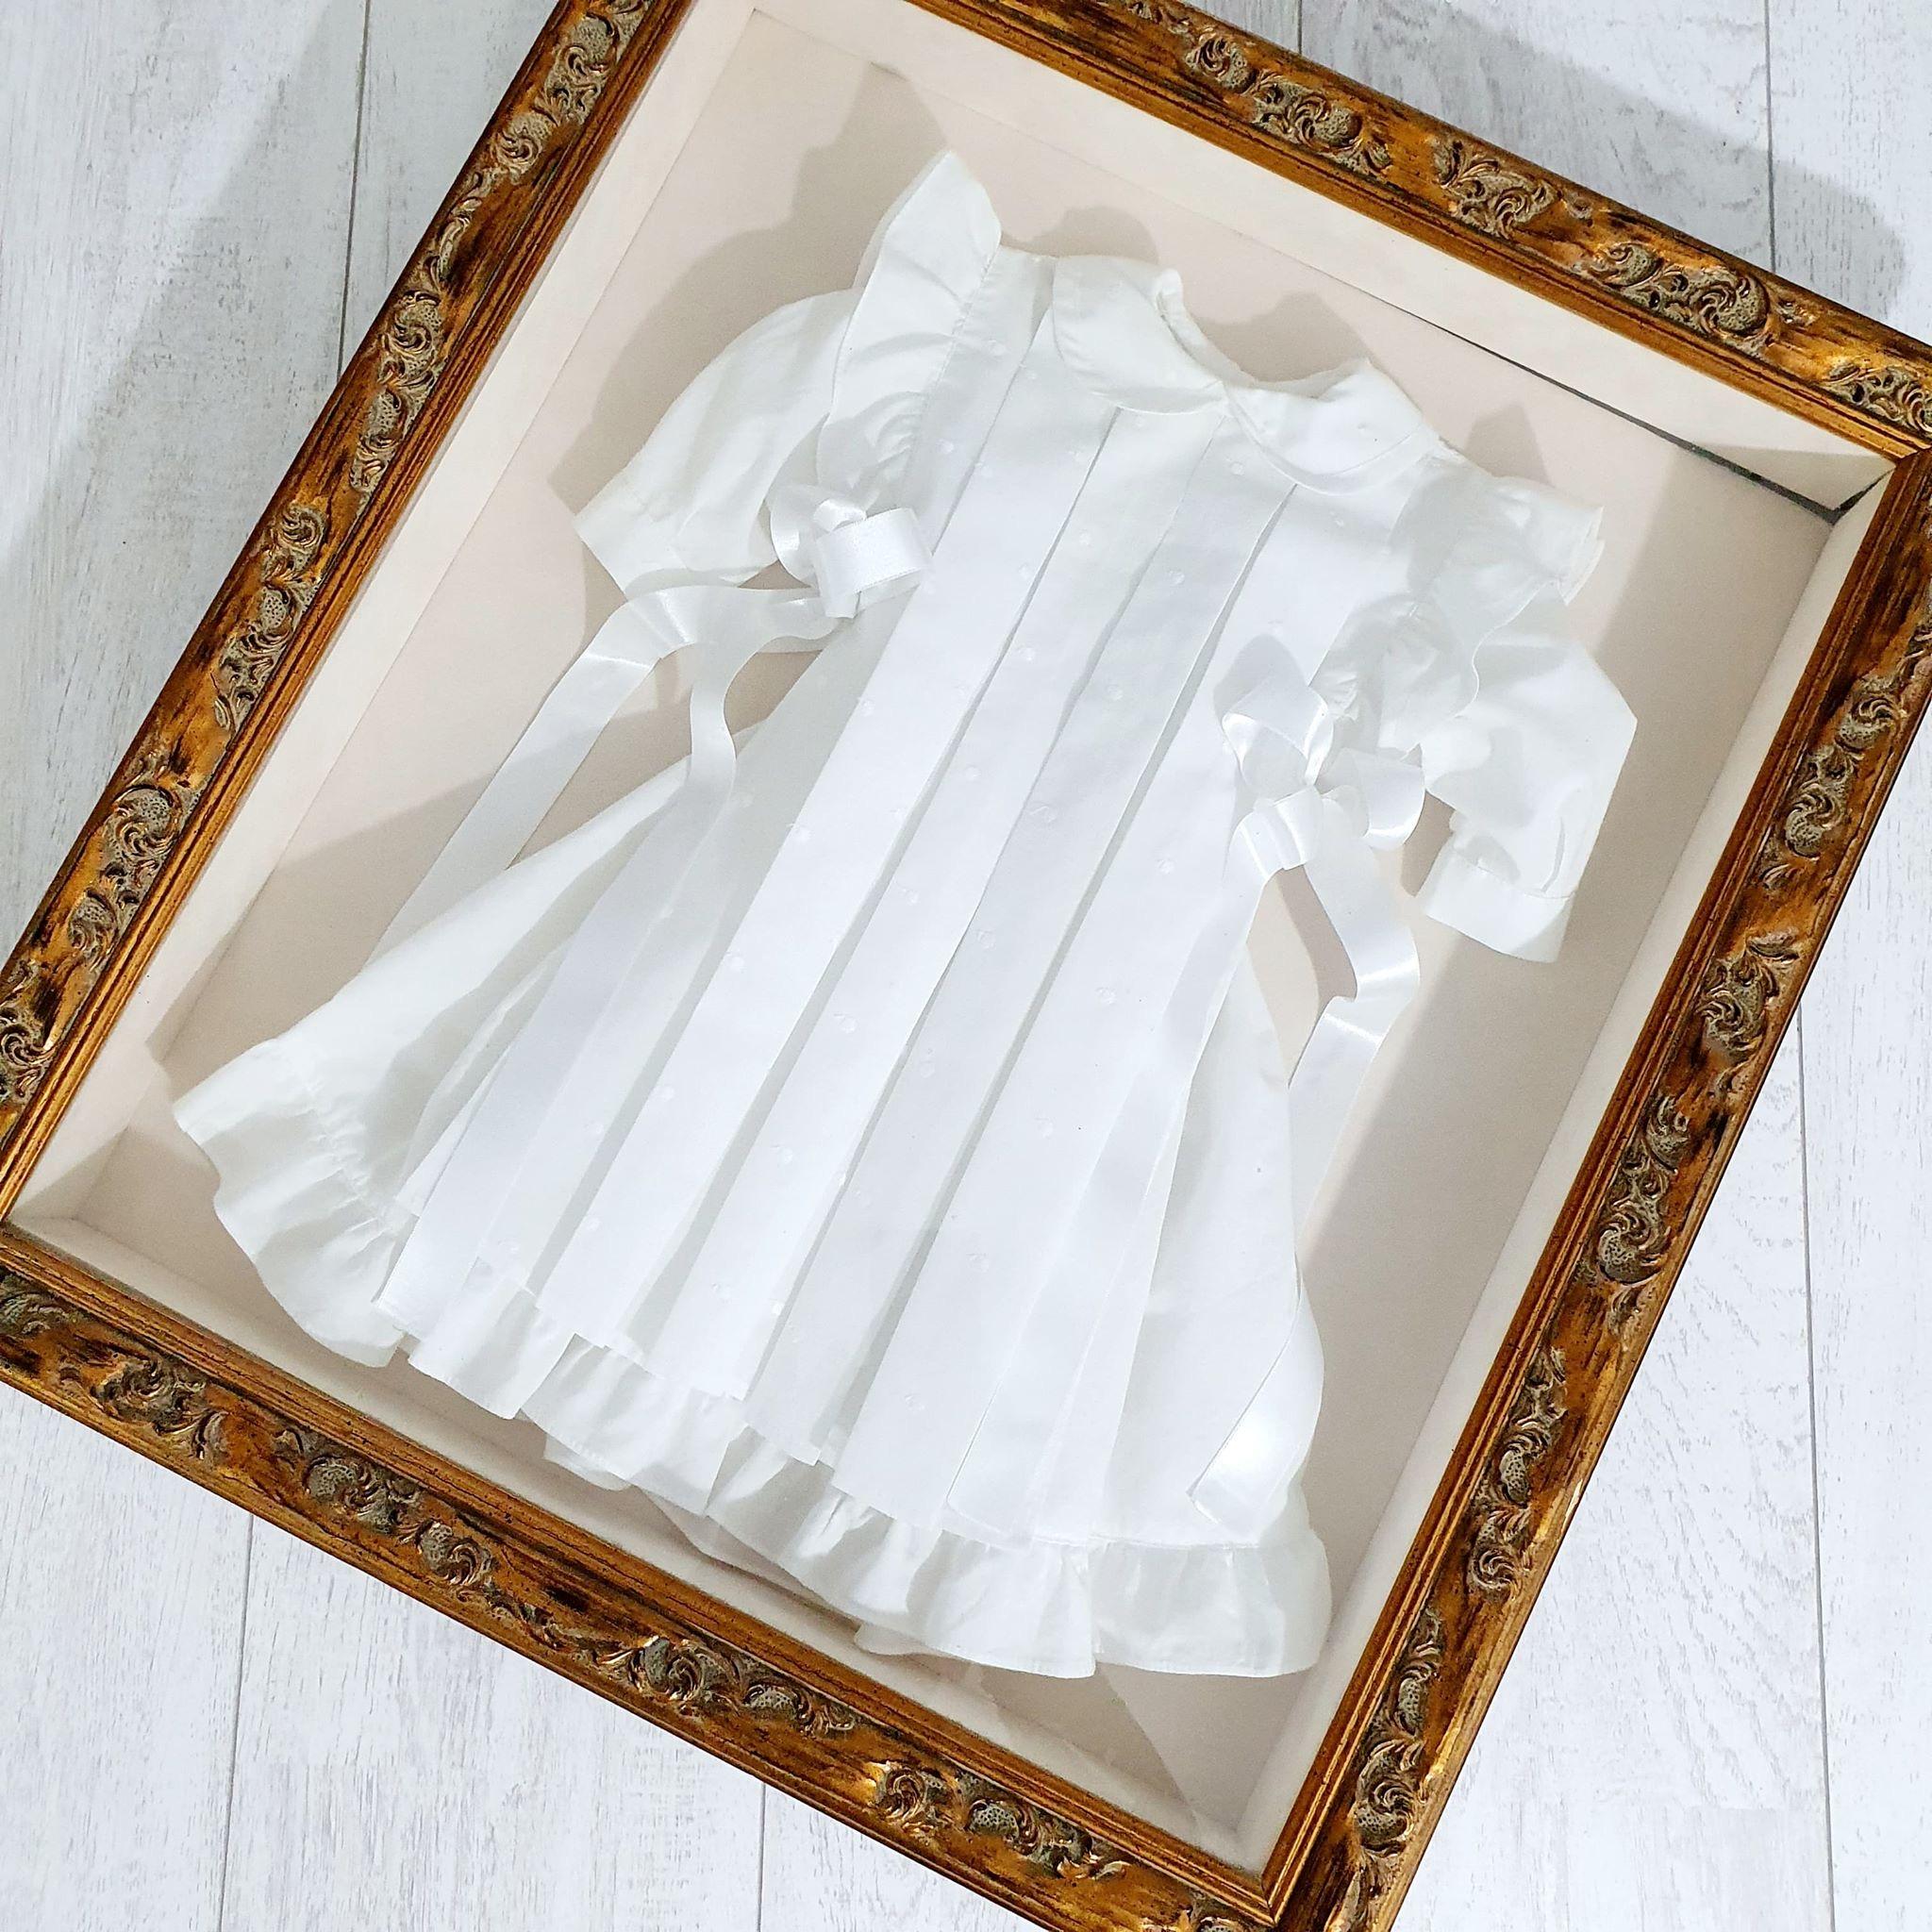 Vestido de batizado (Christening dress)